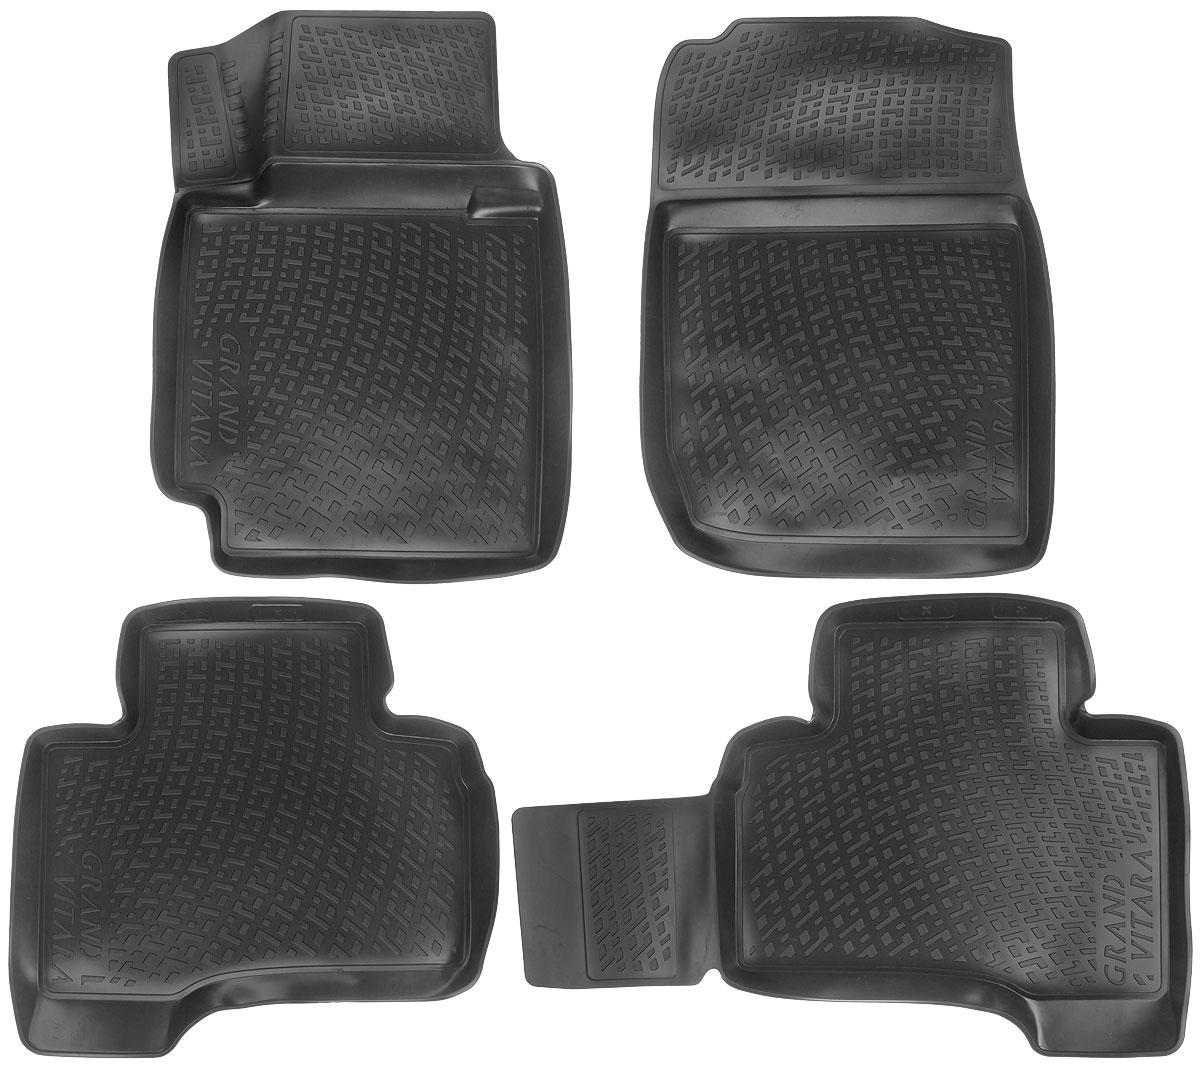 Набор автомобильных ковриков L.Locker Suzuki Grand Vitara 5 dr. 2005, в салон, 4 шт0212020201Набор L.Locker Suzuki Grand Vitara 5 dr. 2005, изготовленный из полиуретана, состоит из 4 антискользящих 3D ковриков, которые производятся индивидуально для каждой модели автомобиля. Изделие точно повторяет геометрию пола автомобиля, имеет высокий борт, обладает повышенной износоустойчивостью, лишено резкого запаха и сохраняет свои потребительские свойства в широком диапазоне температур от -50°С до +50°С. Набор подходит для автомобилей с 2005 года выпуска. Комплектация: 4 шт. Размер ковриков: 74 см х 54 см; 58 см х 61 см; 87 см х 58 см; 73 см х 53 см.